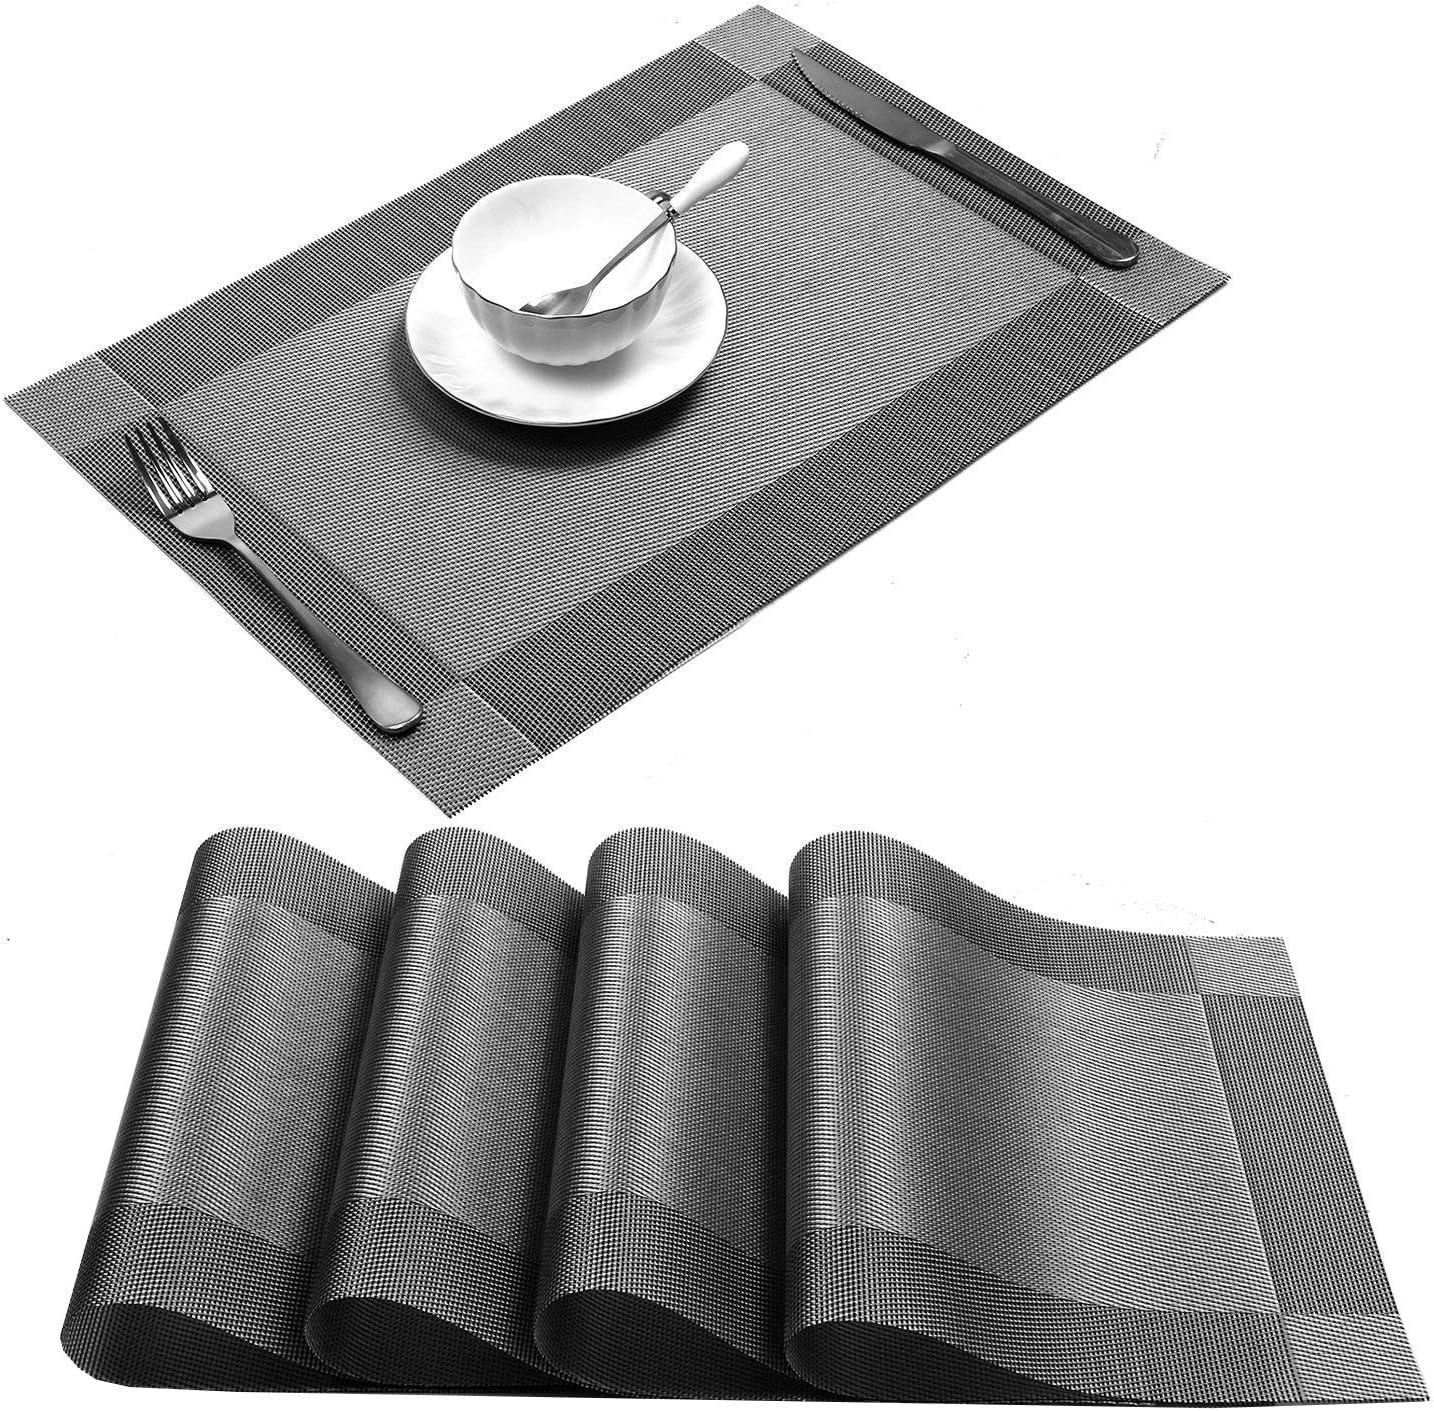 U'Artlines Conjunto de 4 manteles Individuales de Vinilo Antideslizante Resistente al Calor para la Mesa de Comedor de Cocina